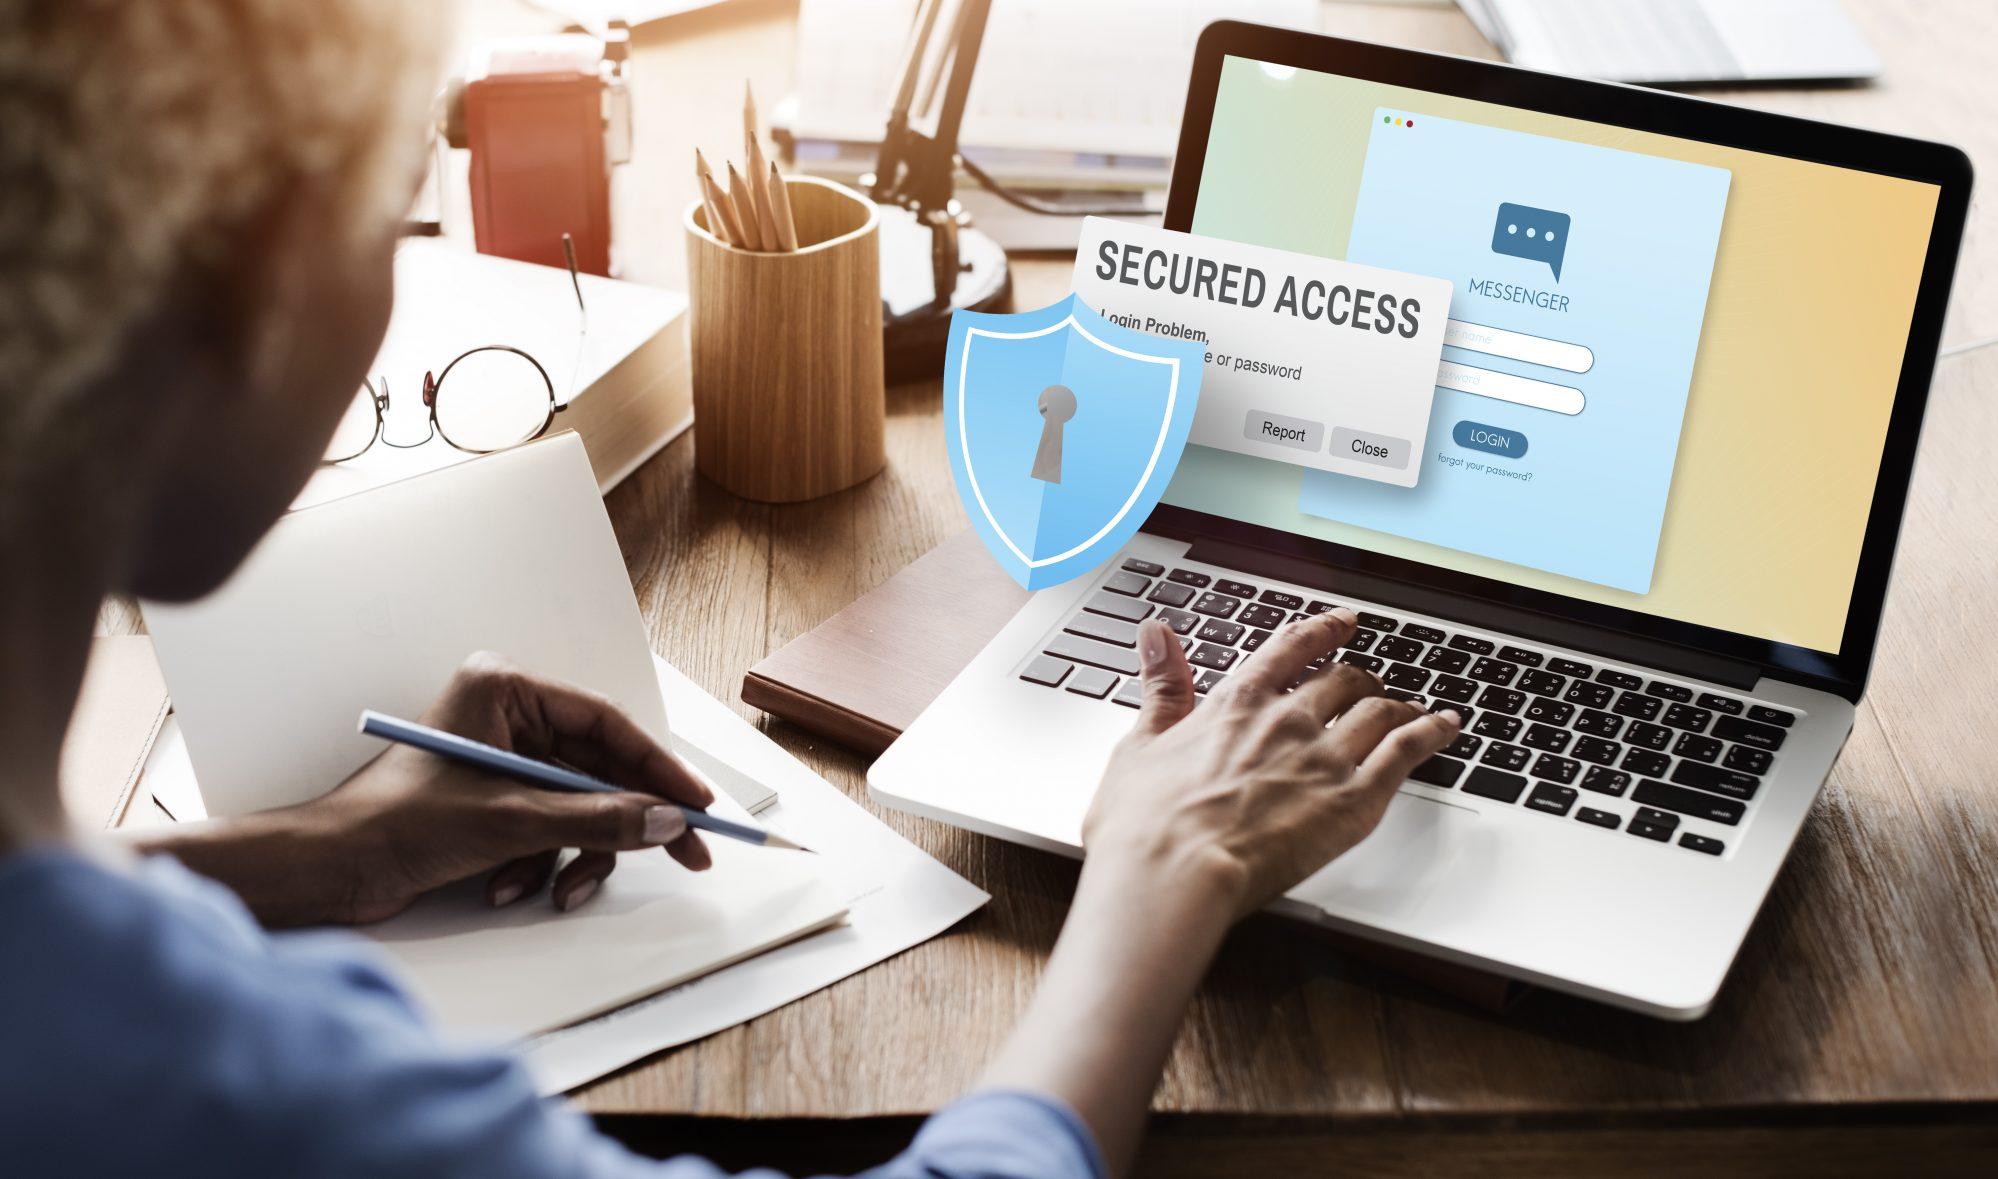 Datensicherheit und IT-Sicherheit